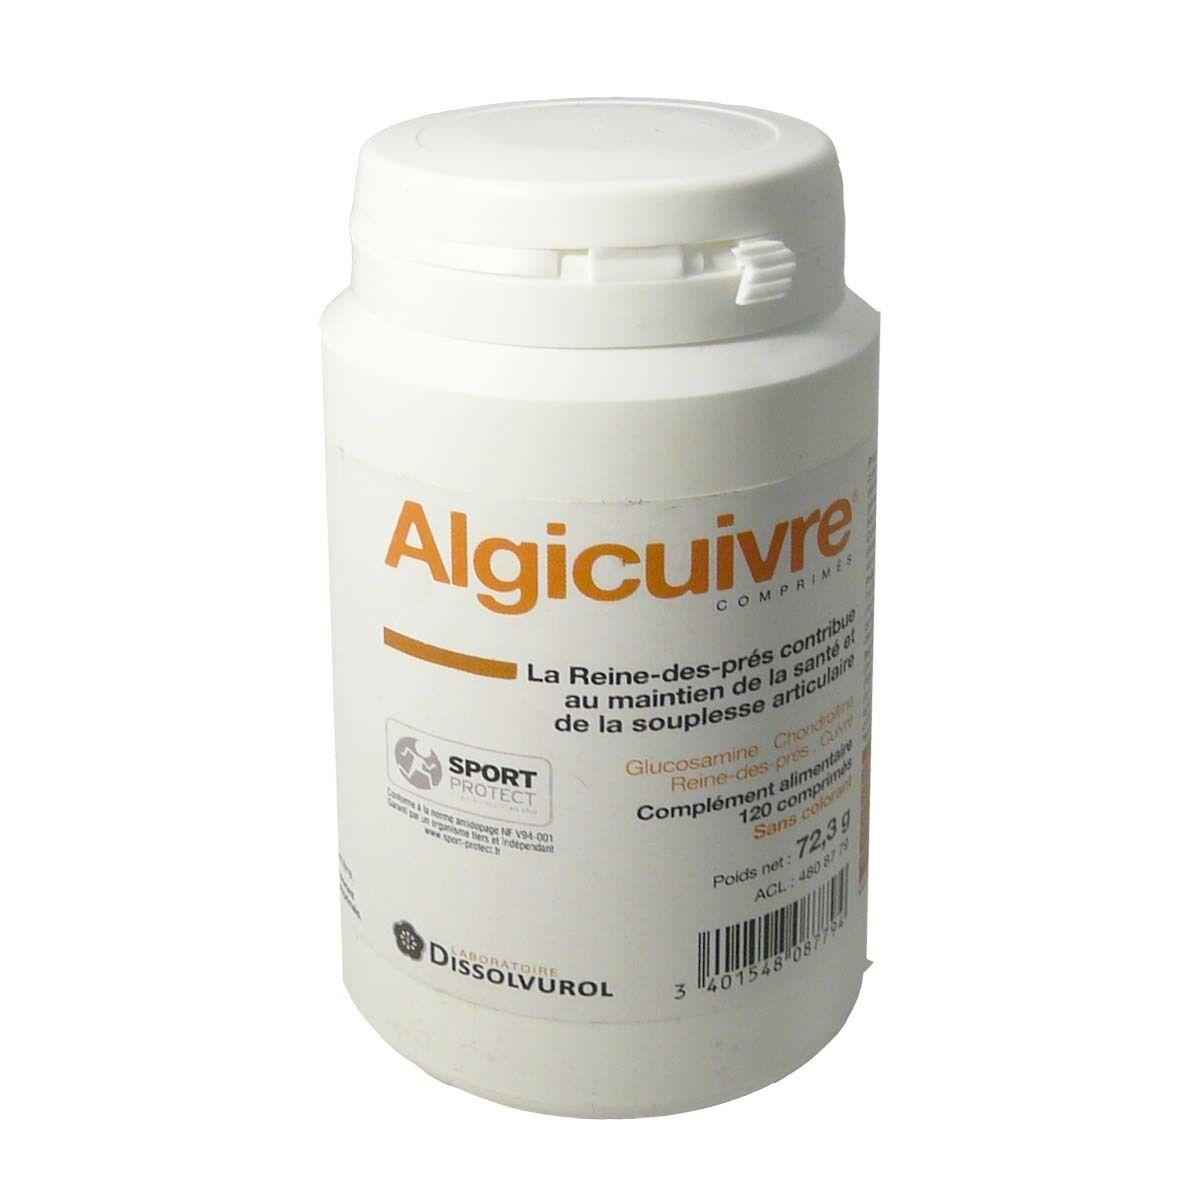 DISSOLVUROL Algicuivre complement alimentaire 120 comprimes